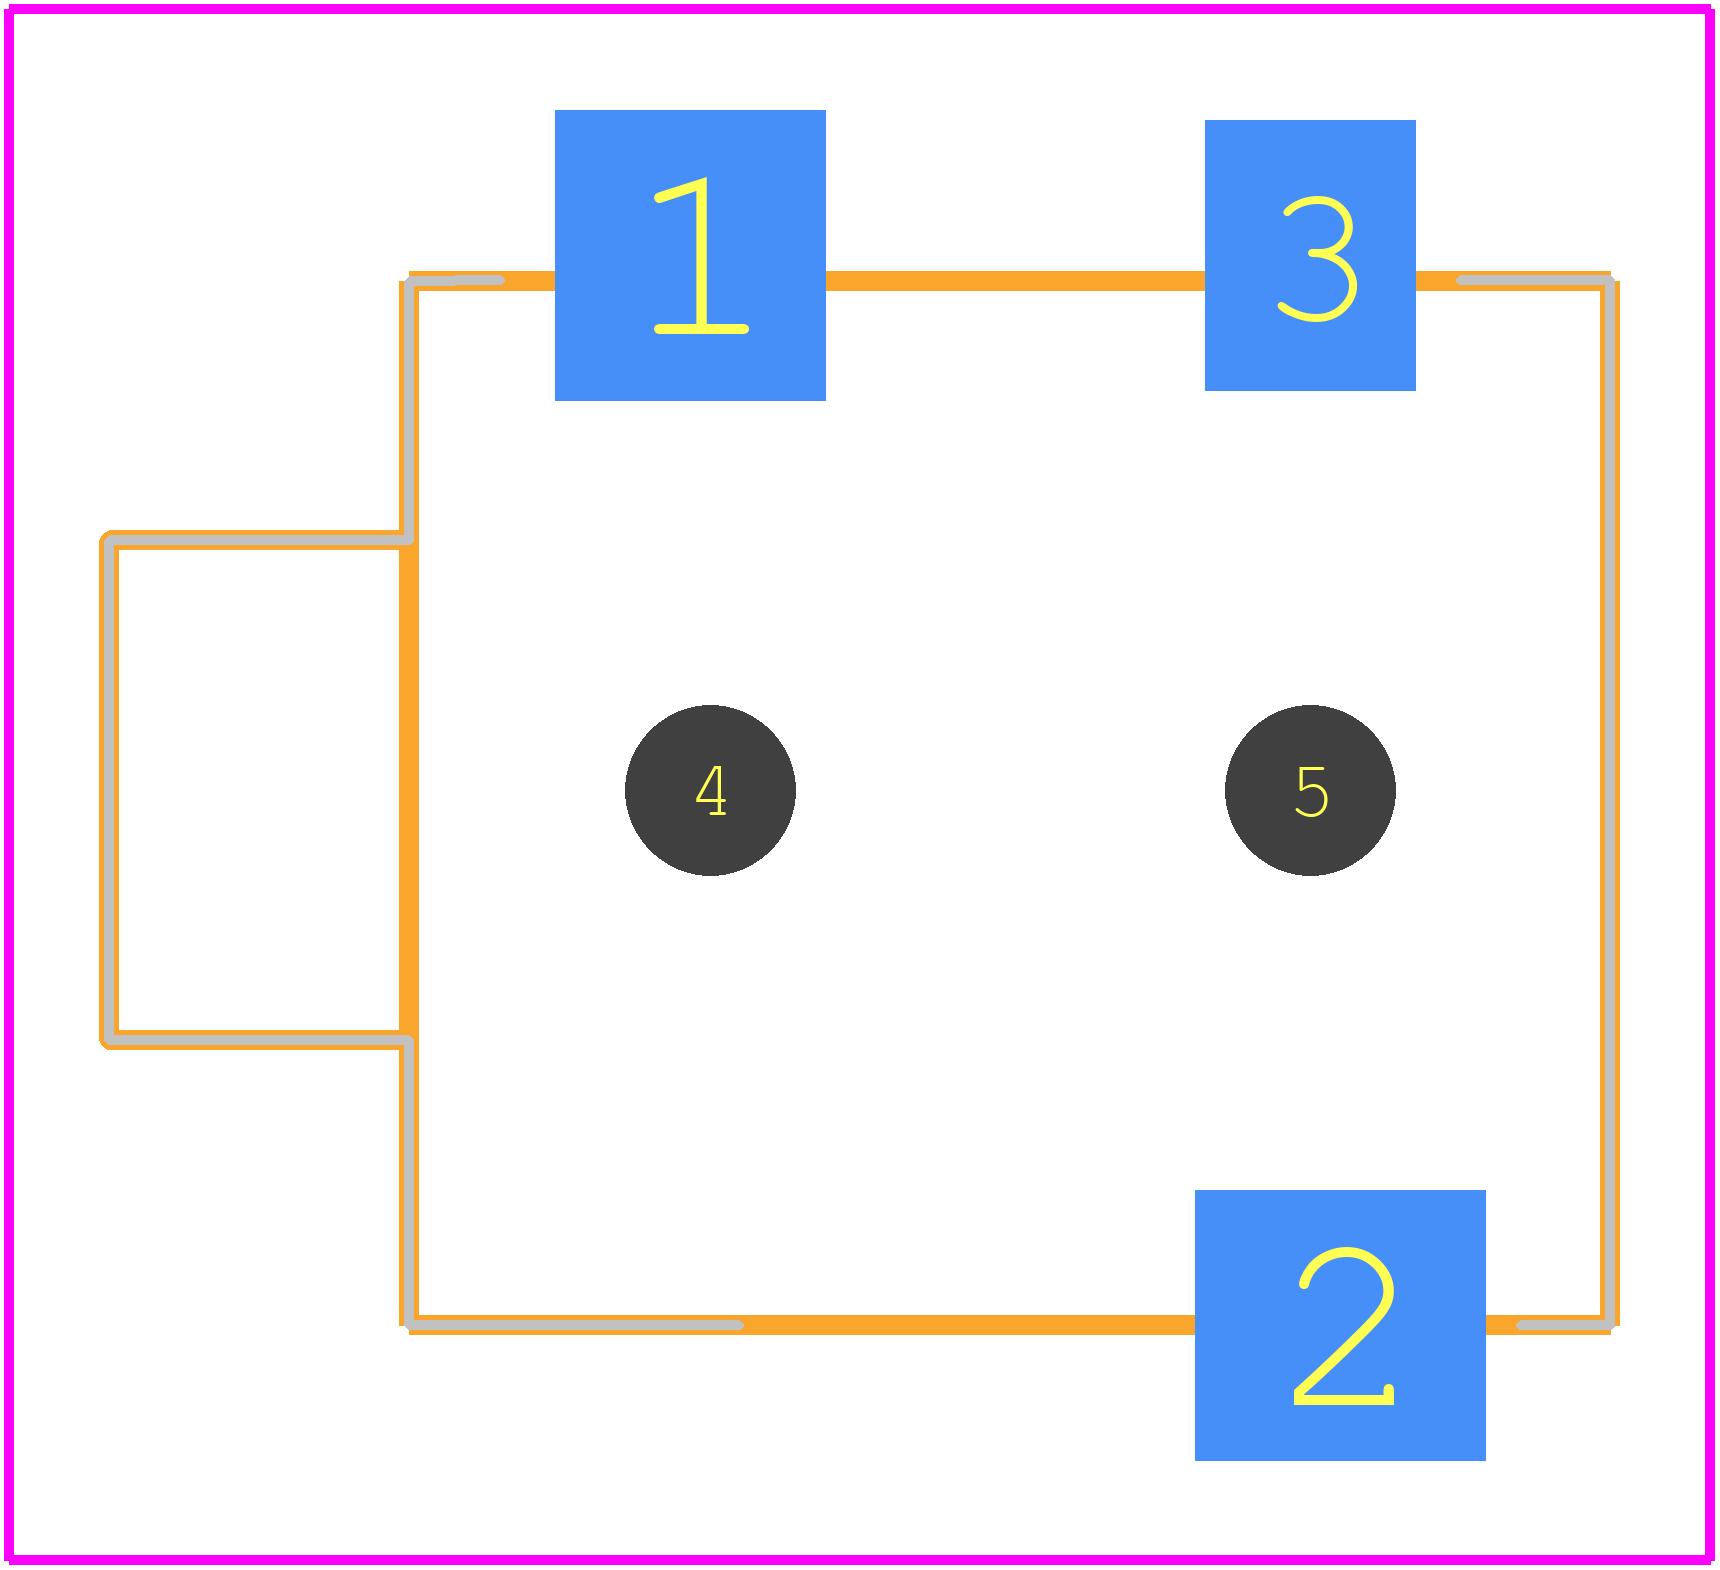 SJ1-3513-SMT-TR - CUI PCB footprint - Other - SJ1-3513-SMT-TR